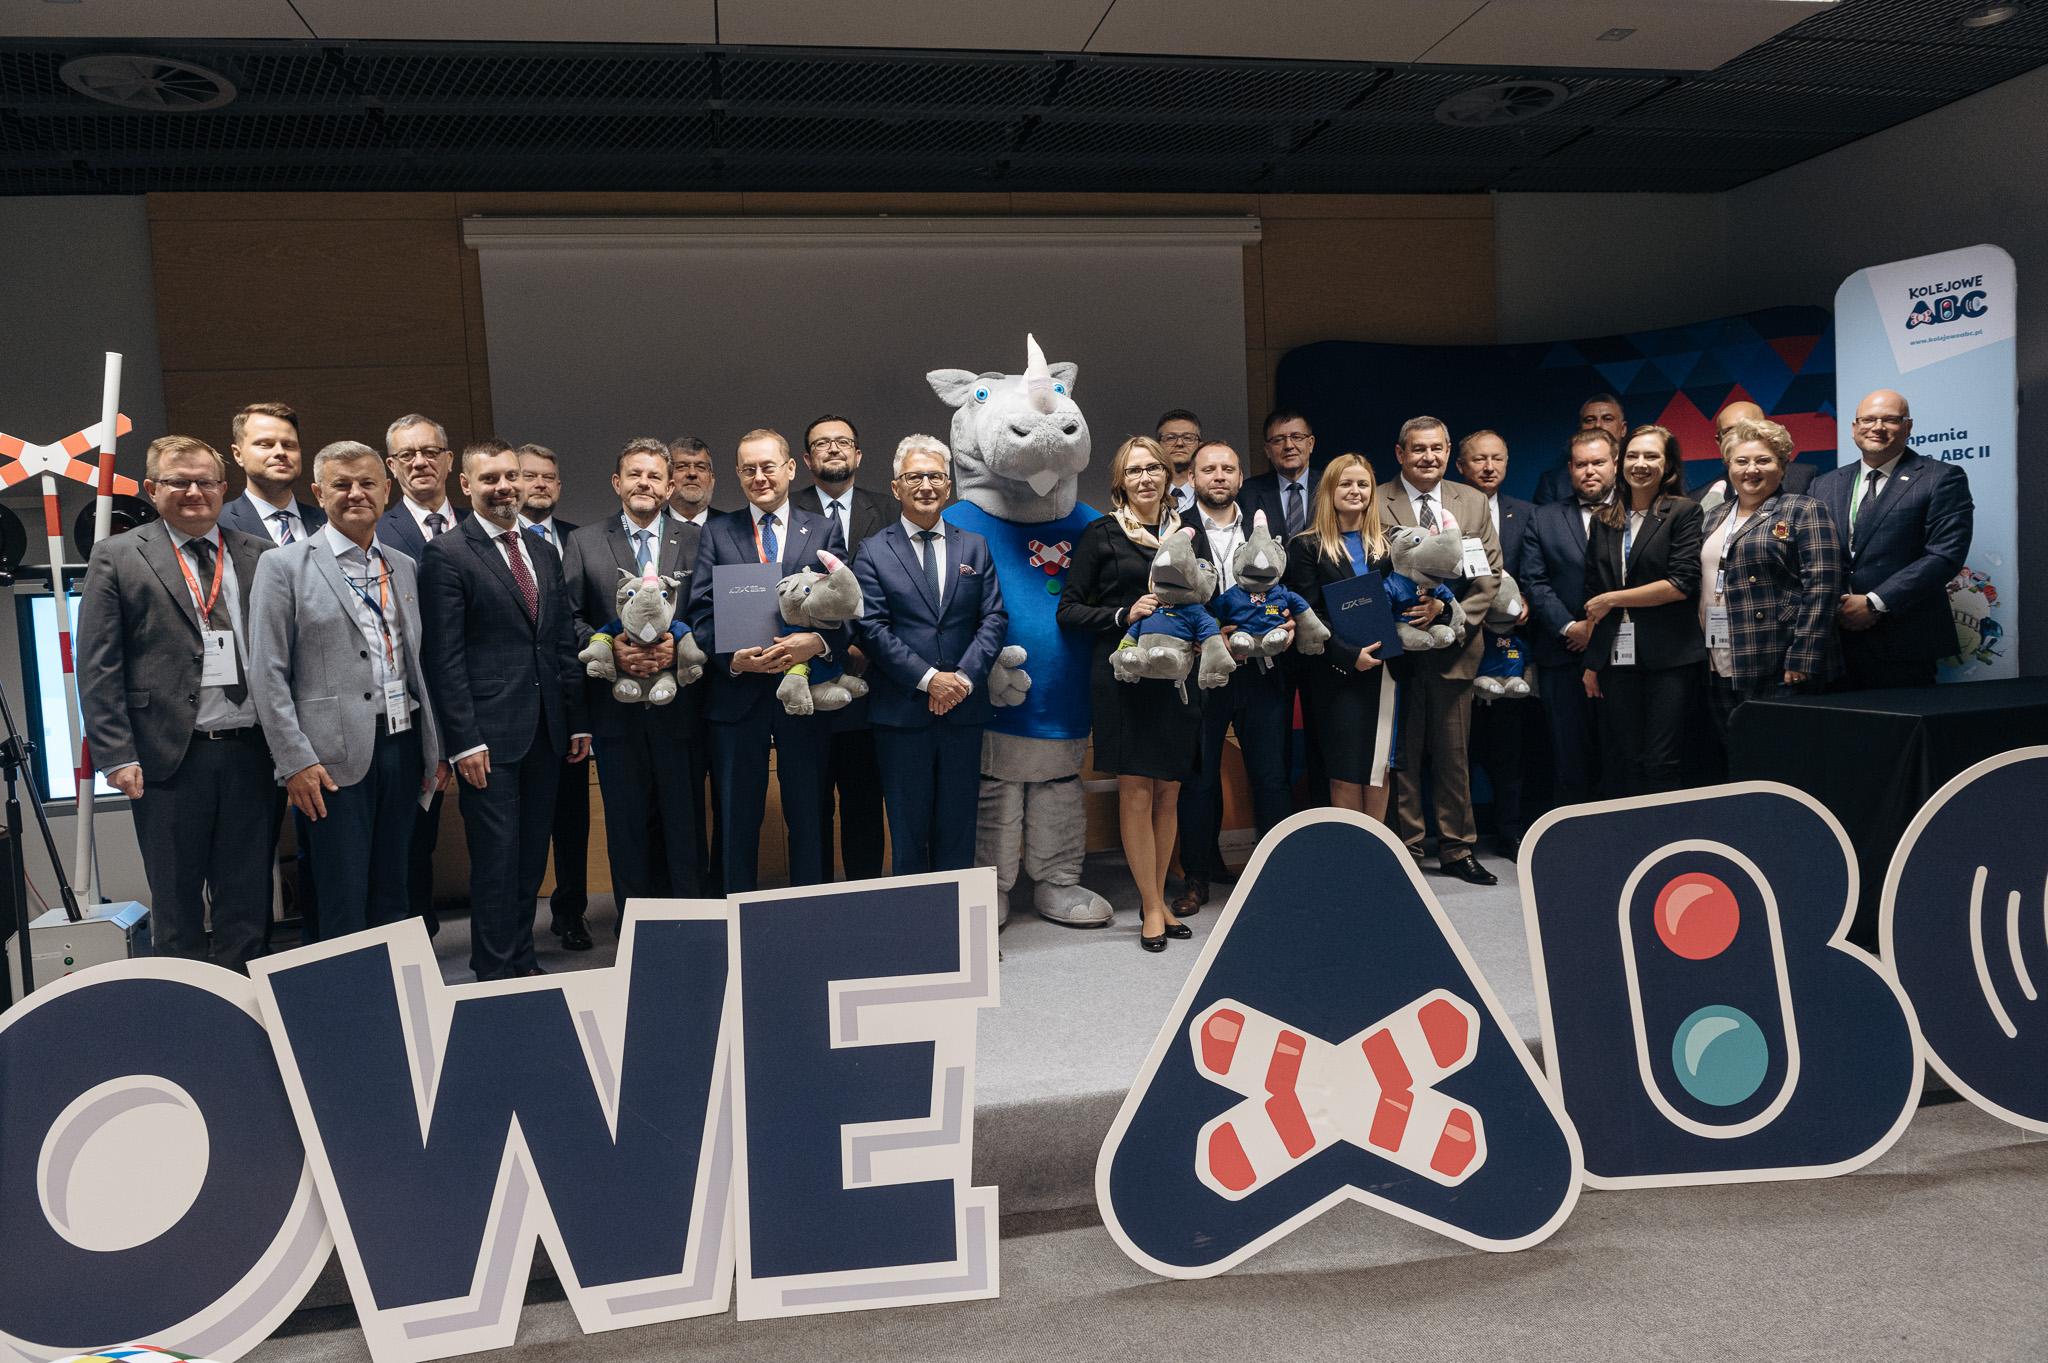 Przedstawiciele spółek kolejowych podczas inauguracji kampanii Kolejowe ABC